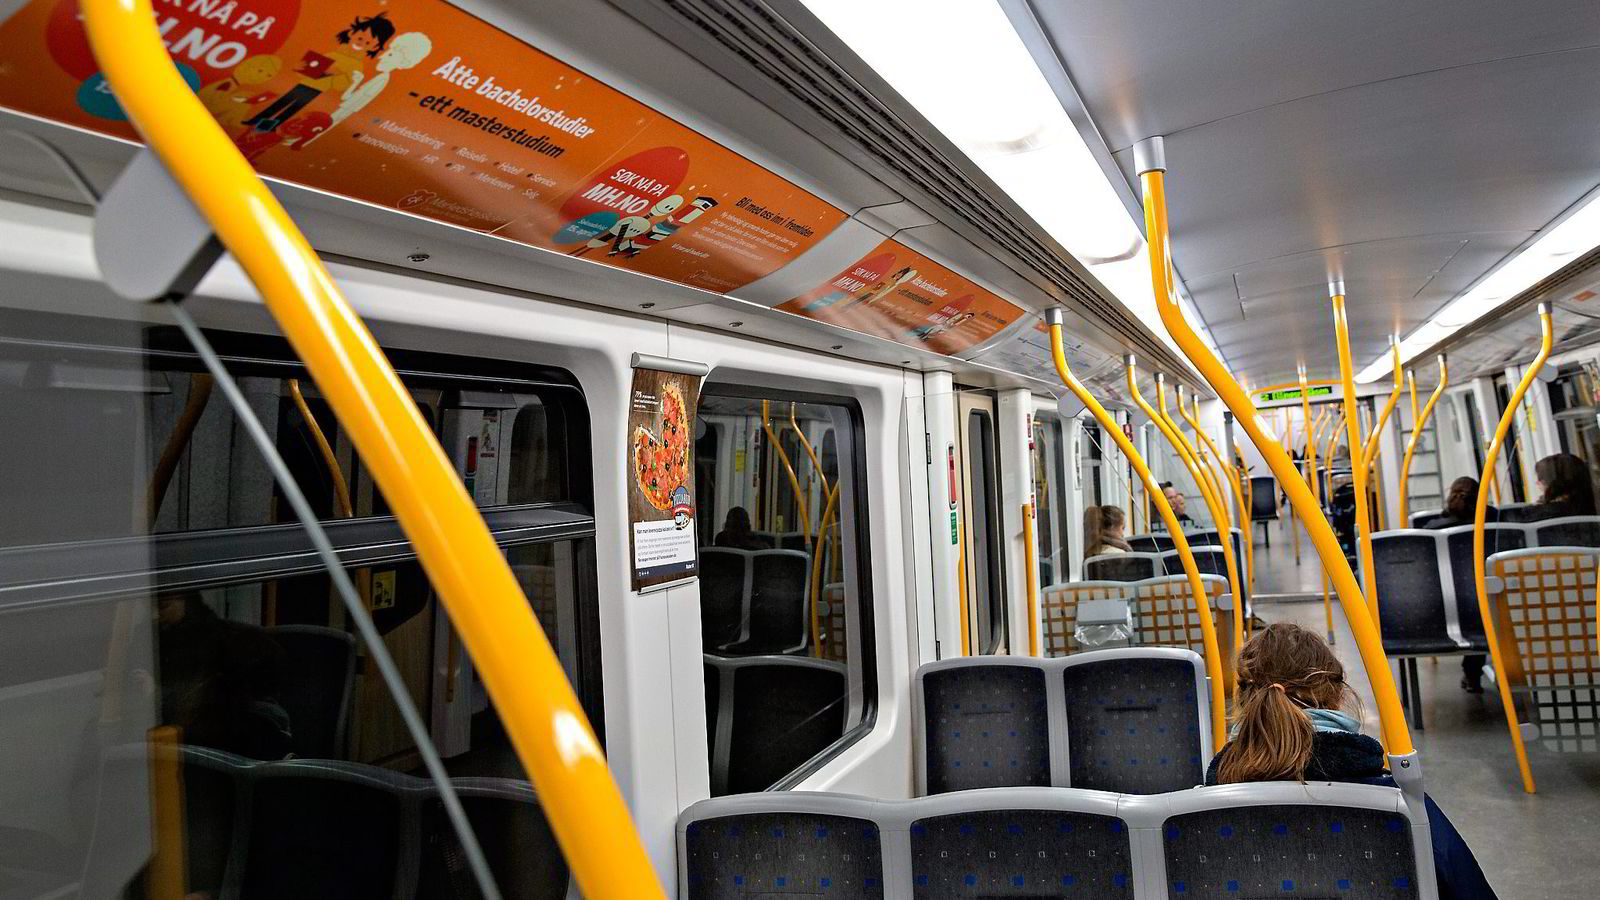 Det blir store endringer i rutetider på T-banenettet i Oslo lørdag. Foto: Aleksander Nordahl